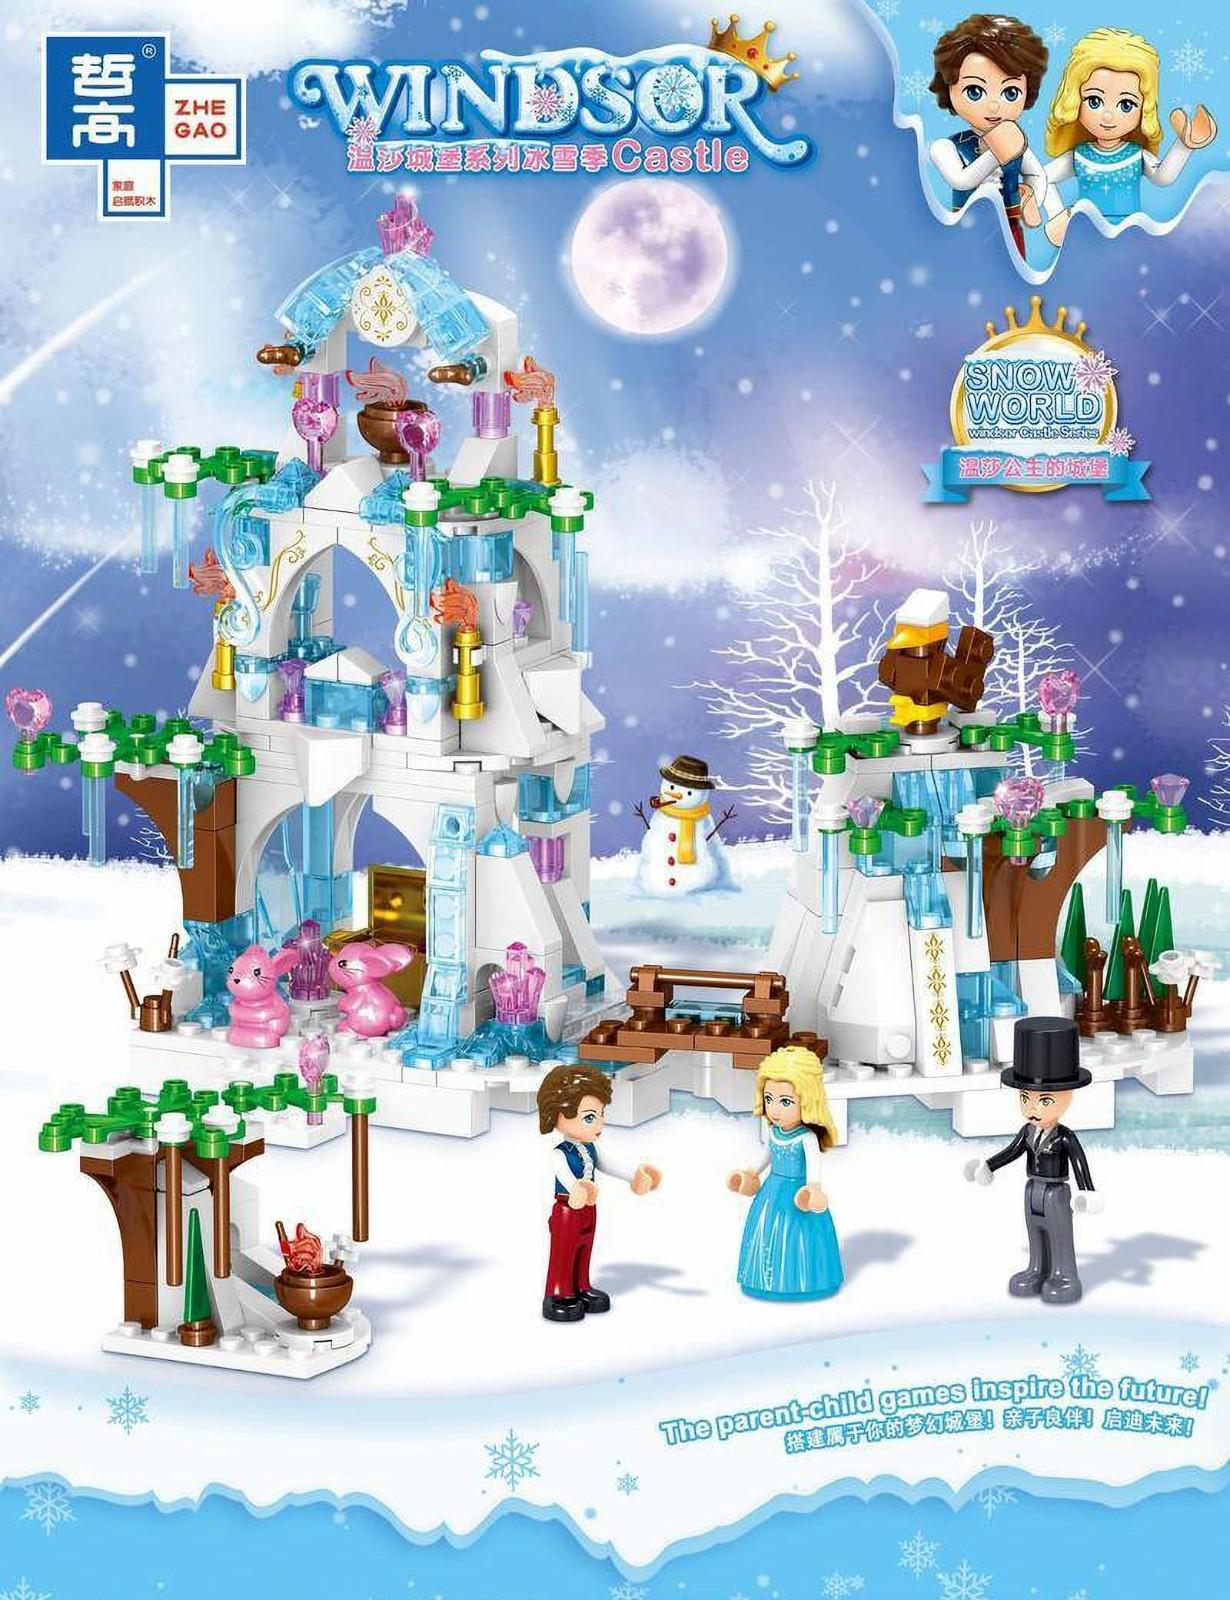 Конструктор Zhe Gao «Ледяной домик» QL1149 (Disney Princess) / 420 деталей